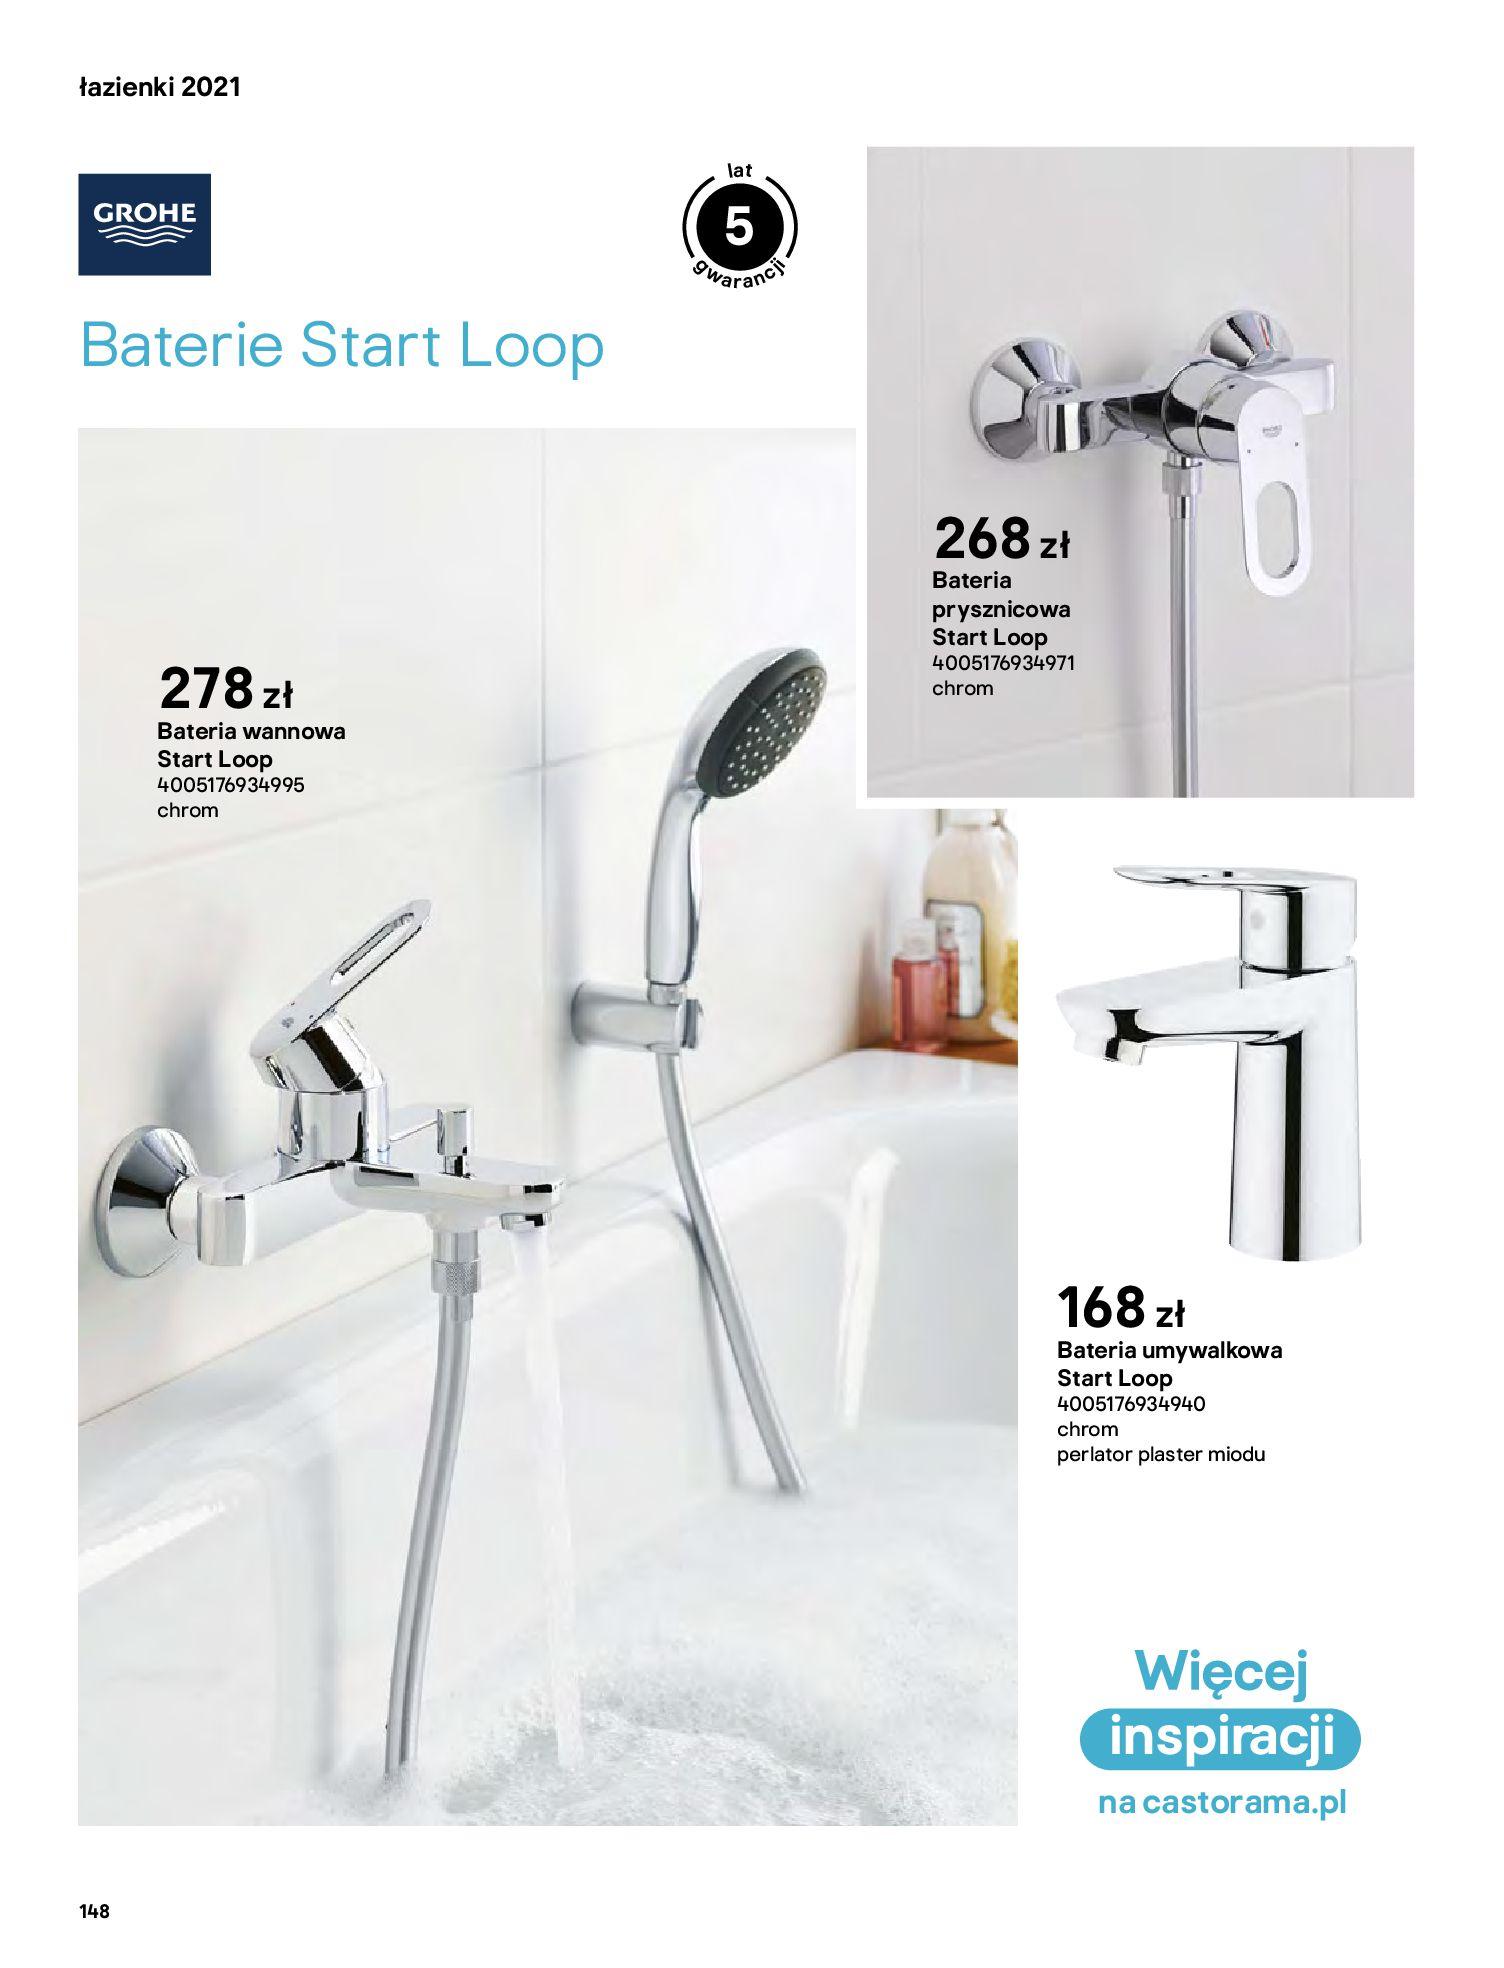 Gazetka Castorama: Gazetka Castorama - katalog łazienki 2021 2021-06-16 page-148